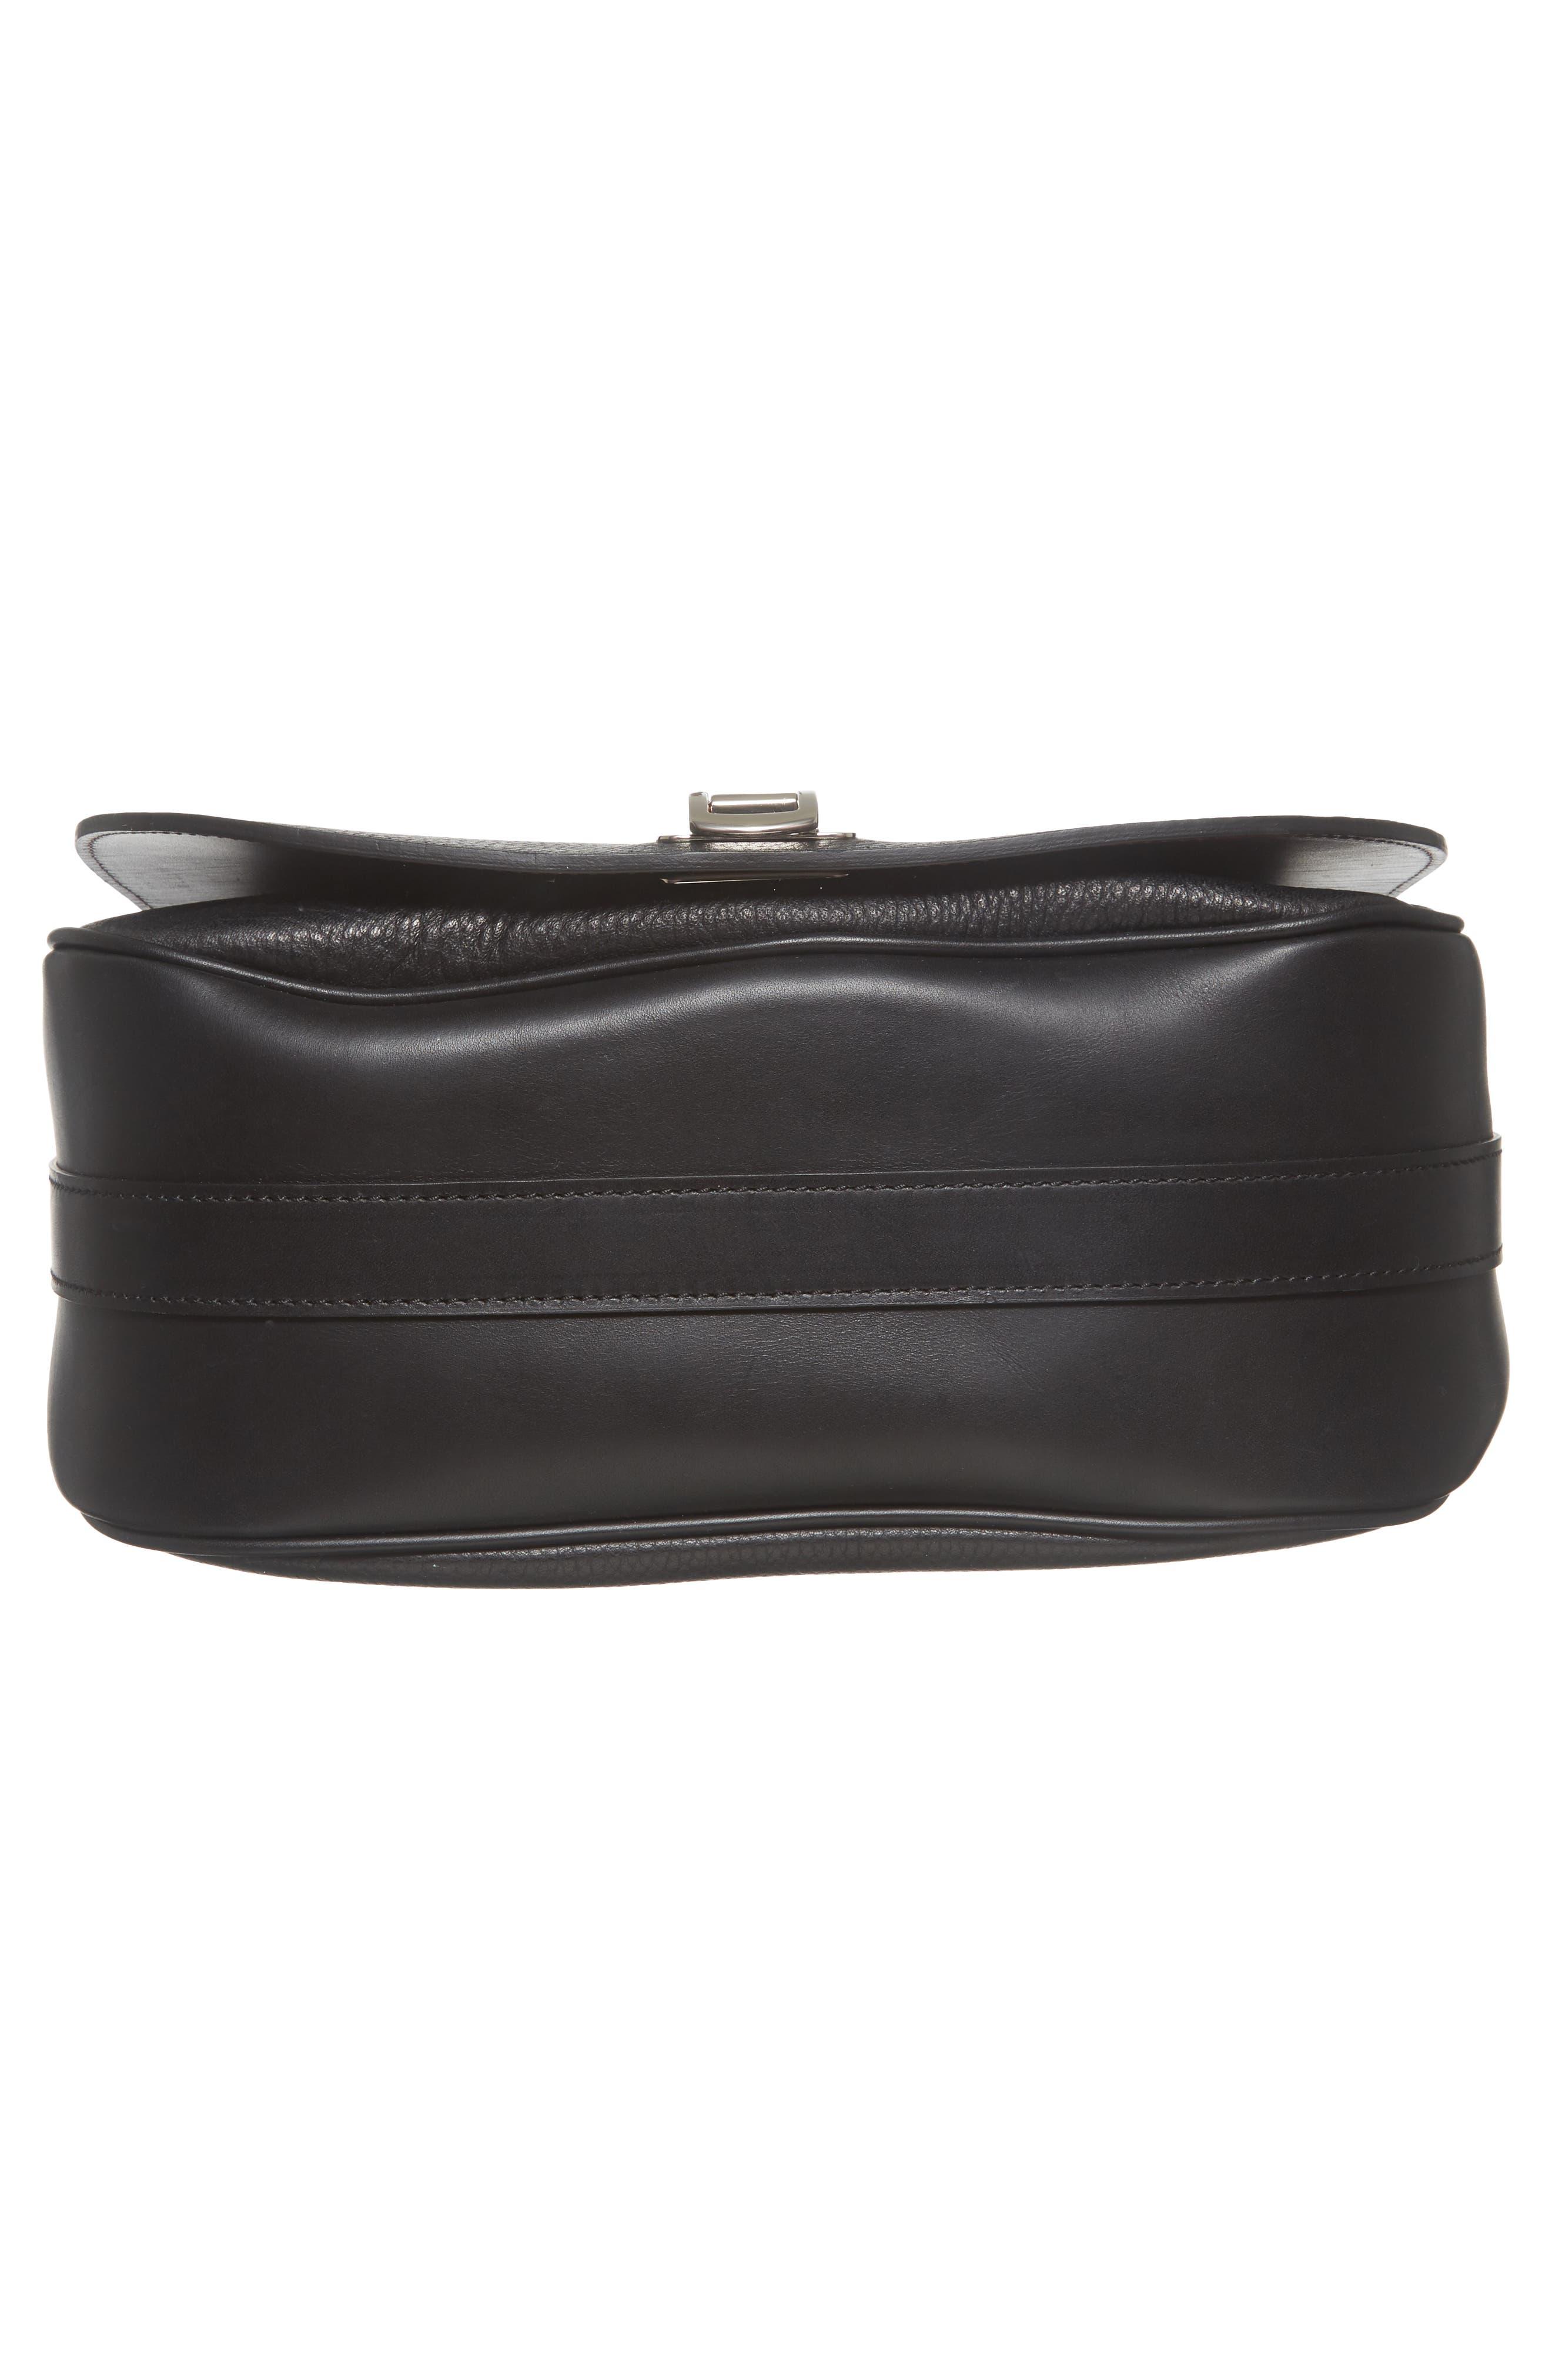 Calfskin Leather Shoulder Bag,                             Alternate thumbnail 6, color,                             001